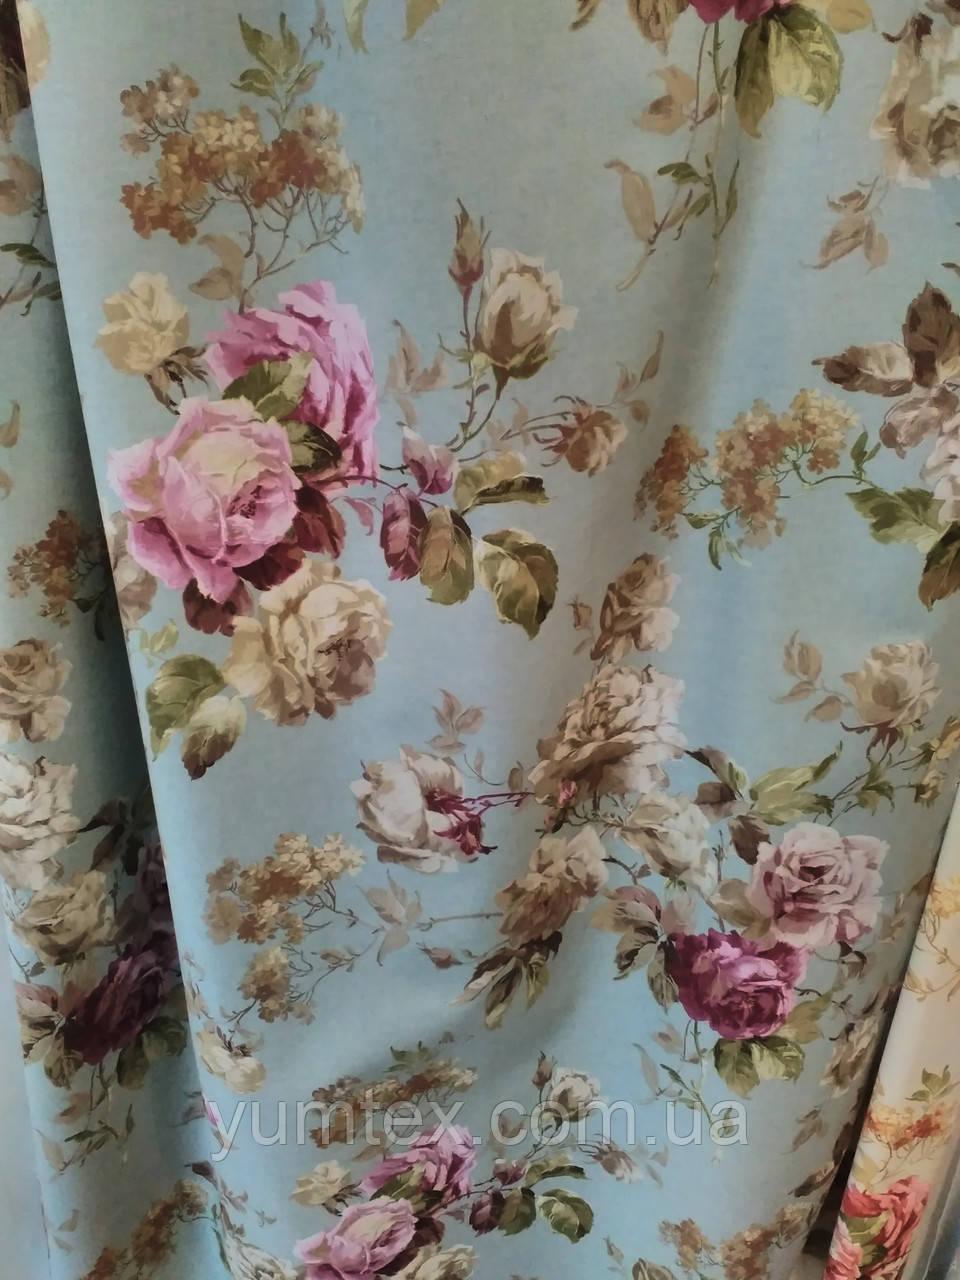 Купить ткань в стиле прованс розы москва доставка цветов 8 марта